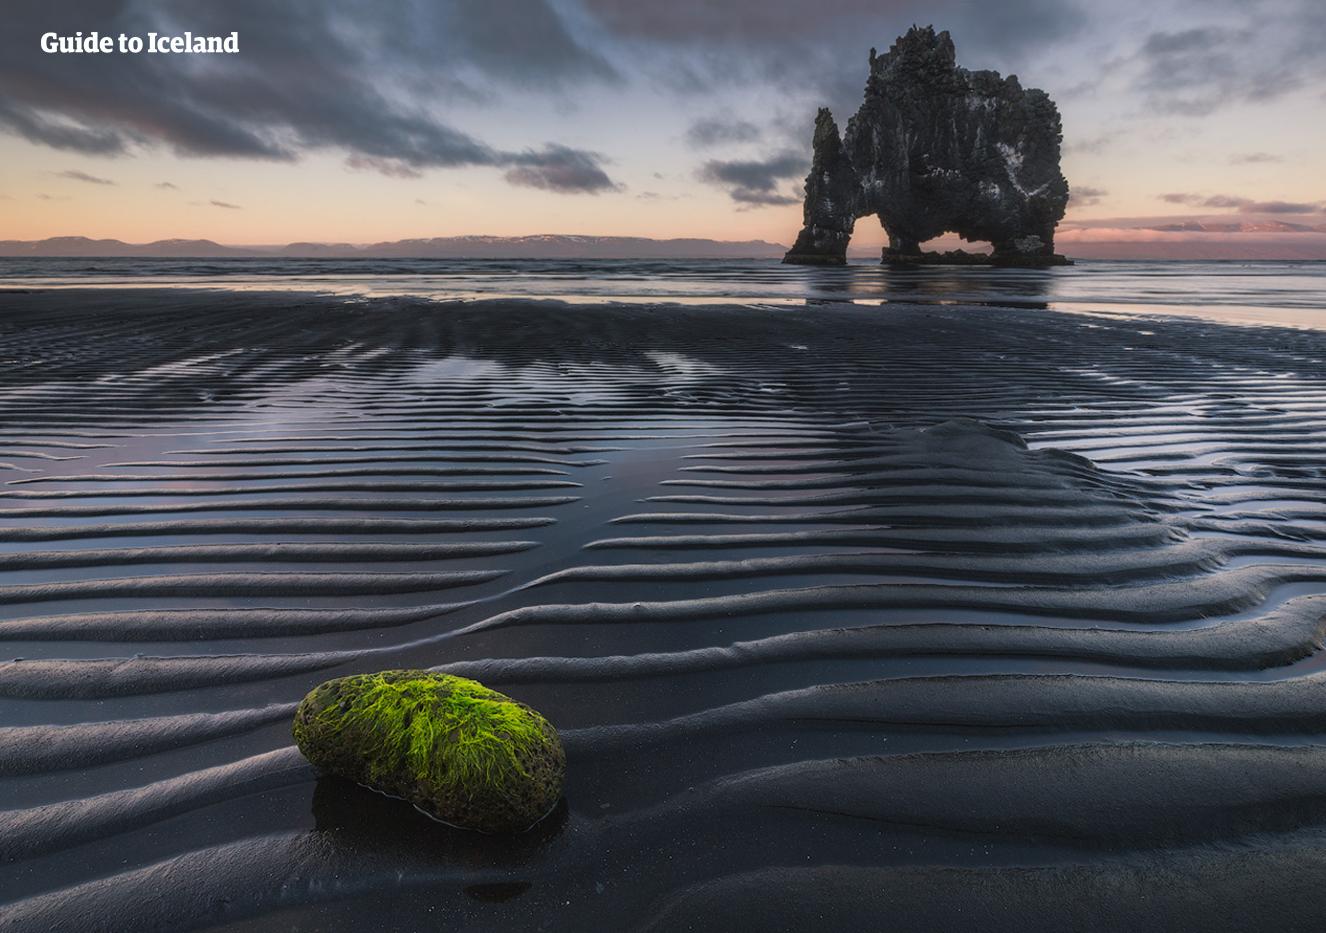 Autotour de 7 jours | La Route circulaire d'Islande - day 2